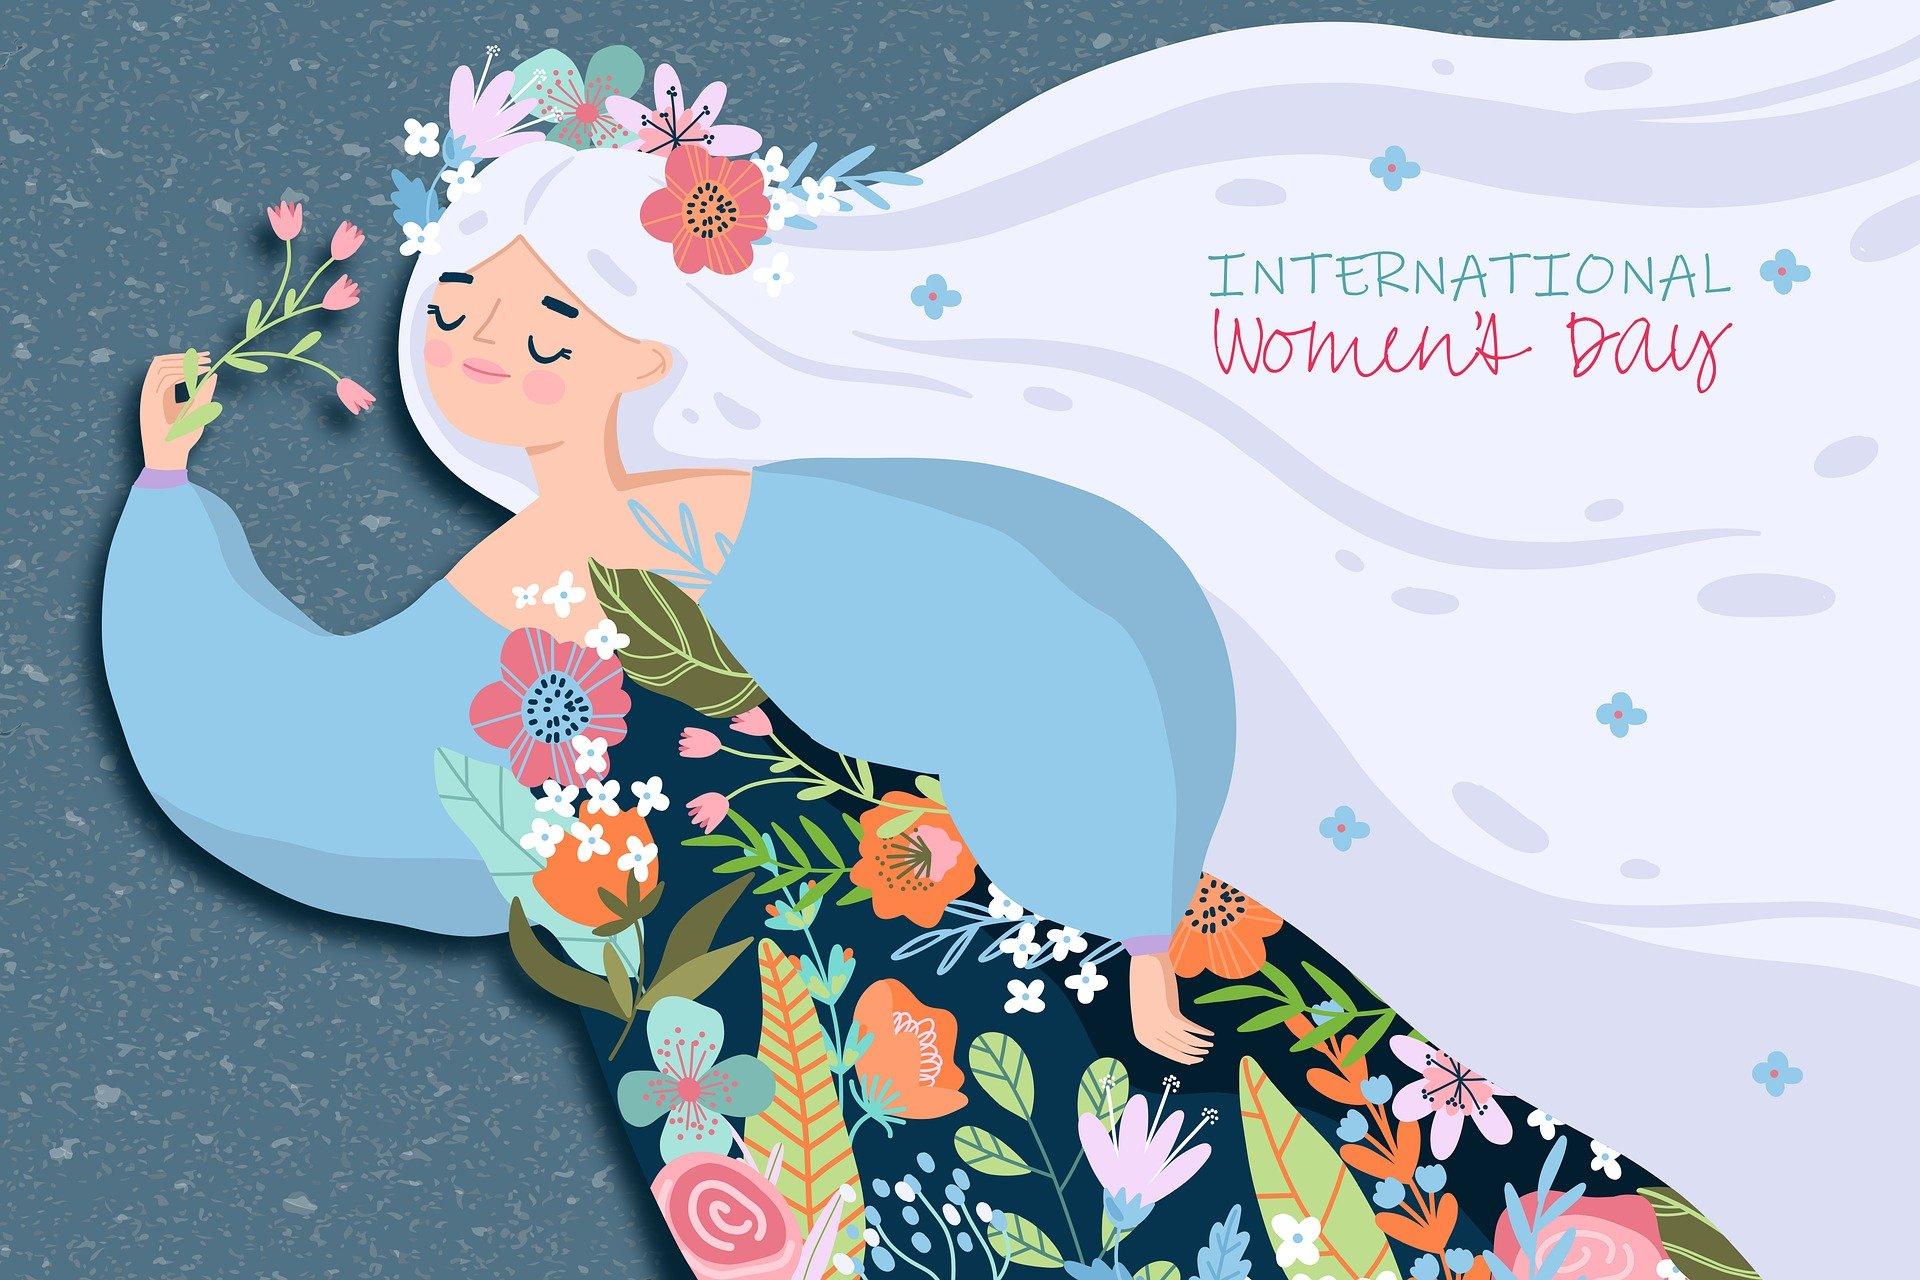 Journée International du Droits de Femmes le 8 mars 2021